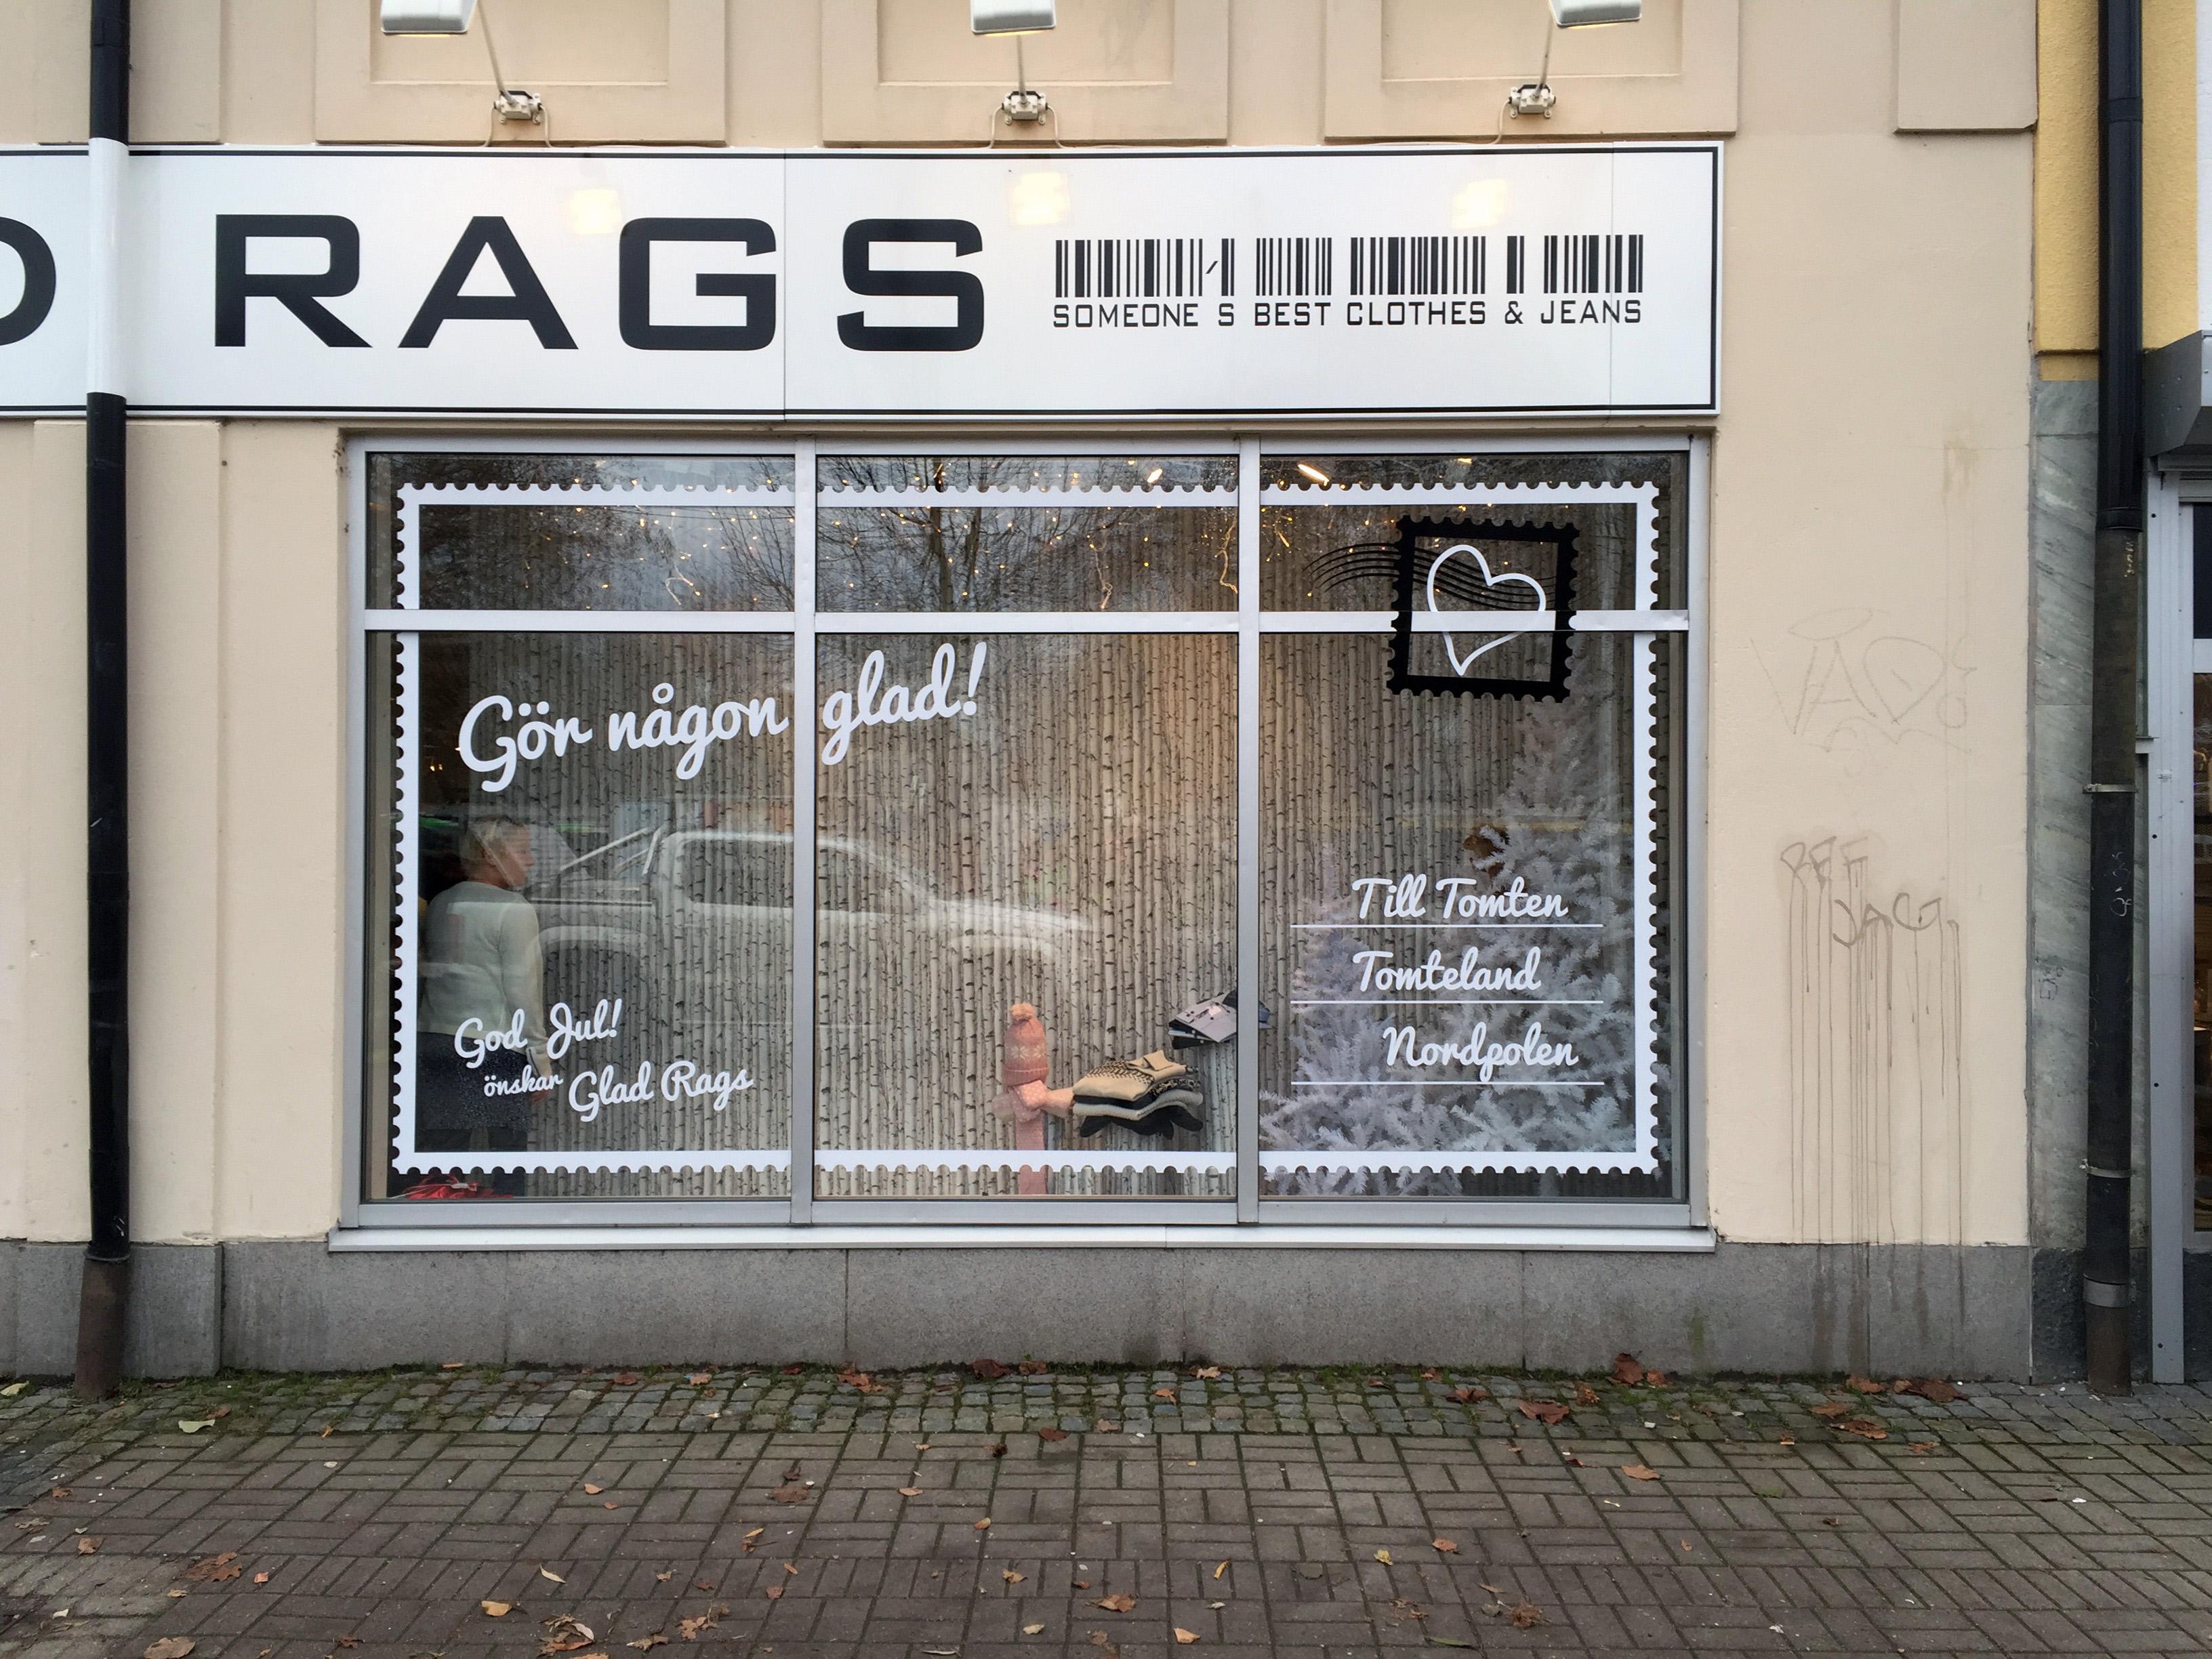 Julskyltning Skyltfönster Klädbutiken Glad Rags i Katrineholm